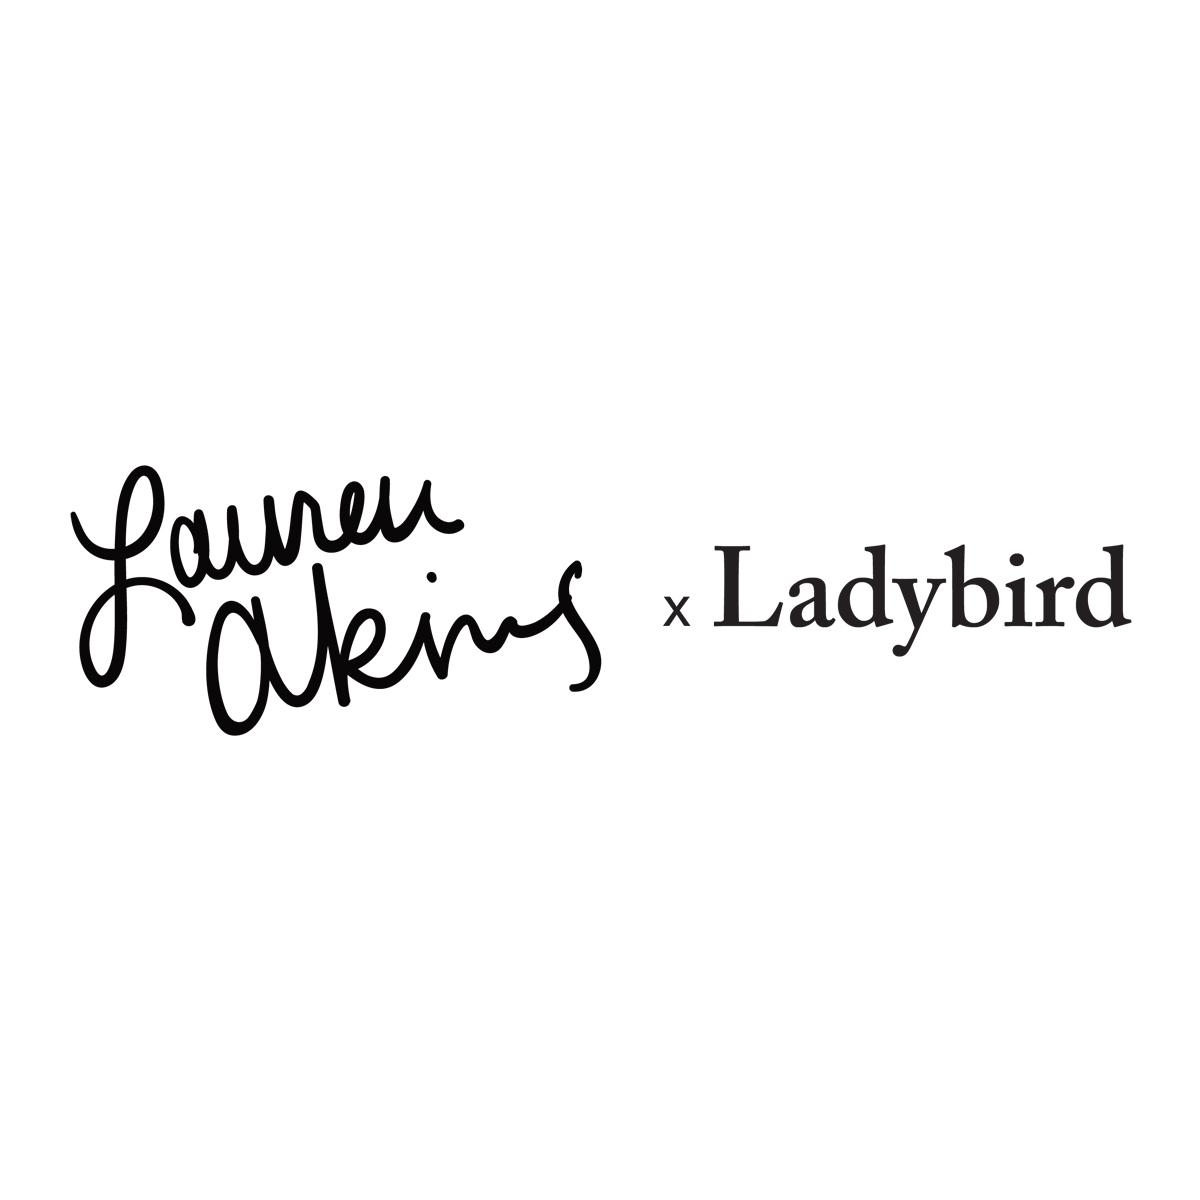 Lauren Akins x Ladybird Charity Donation